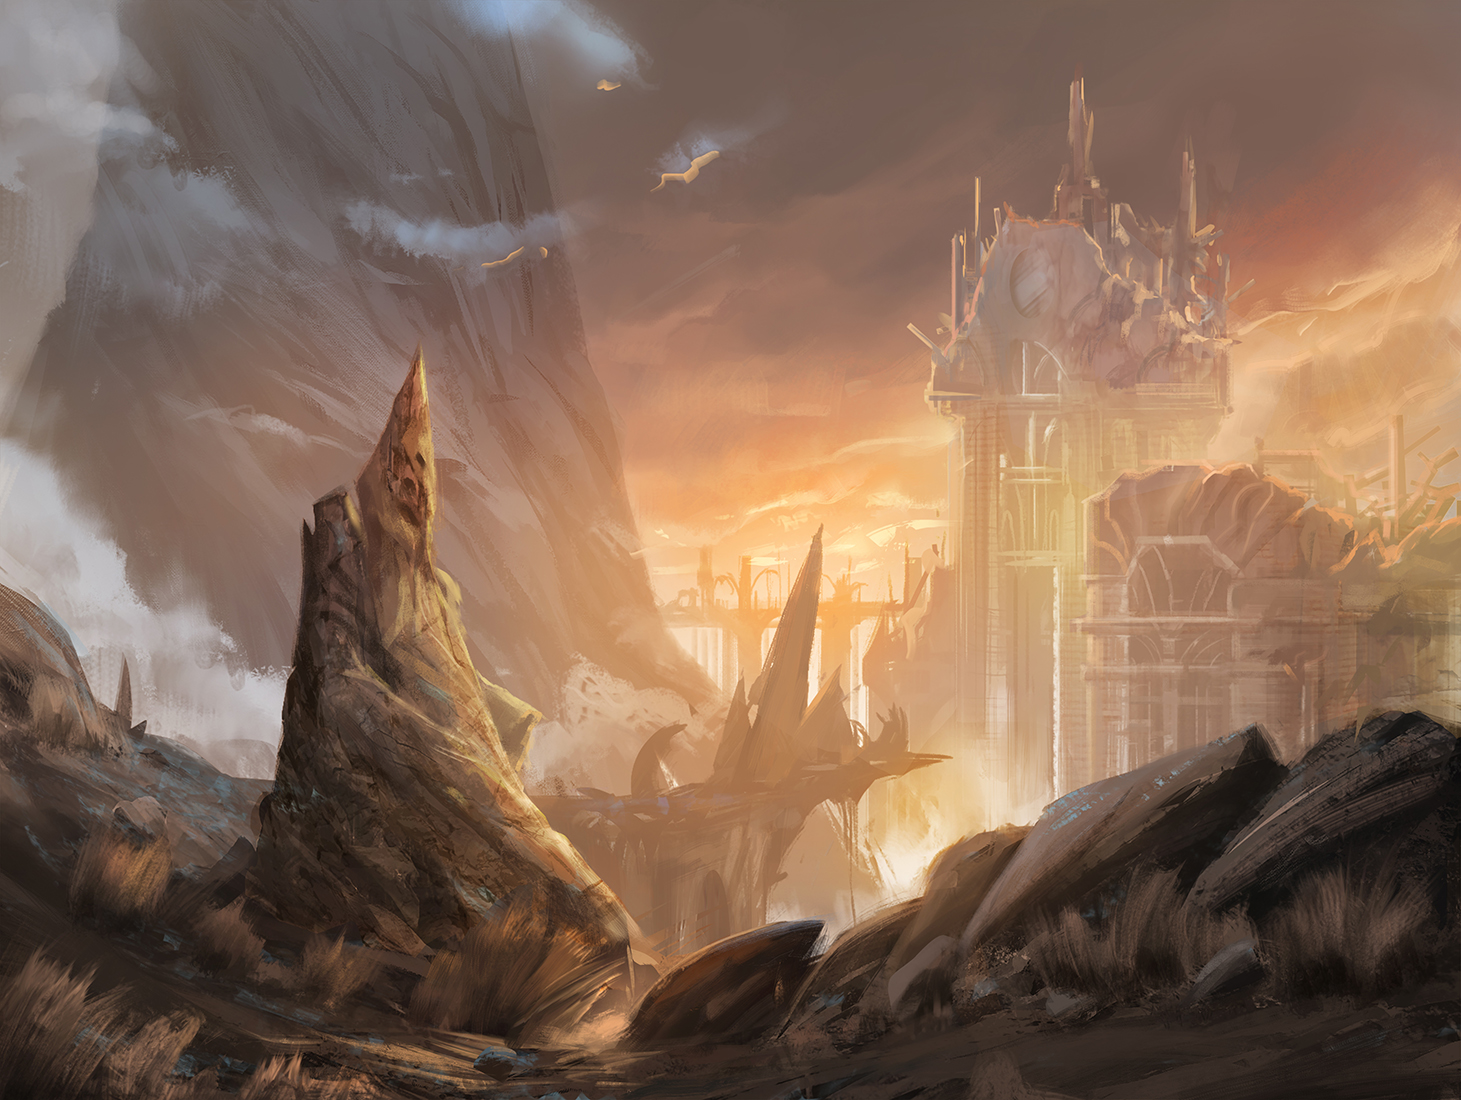 castleRuinsV3_04.jpg